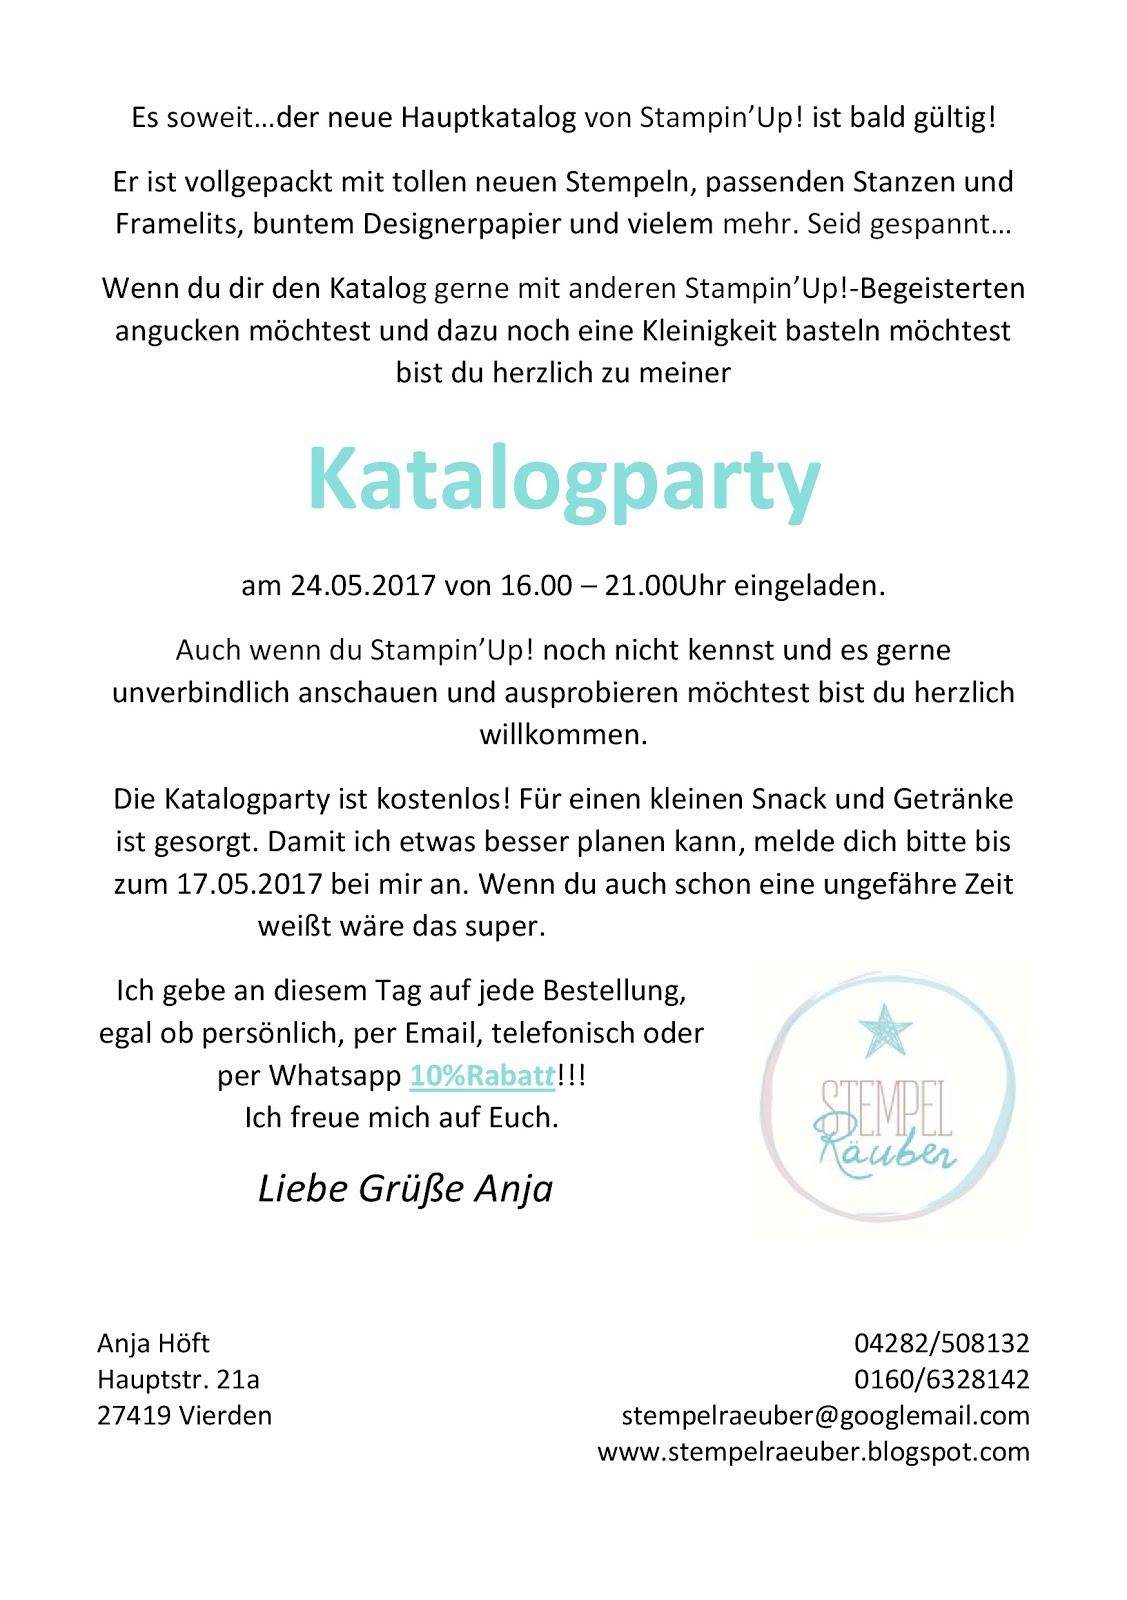 Einladung zur Katalogparty